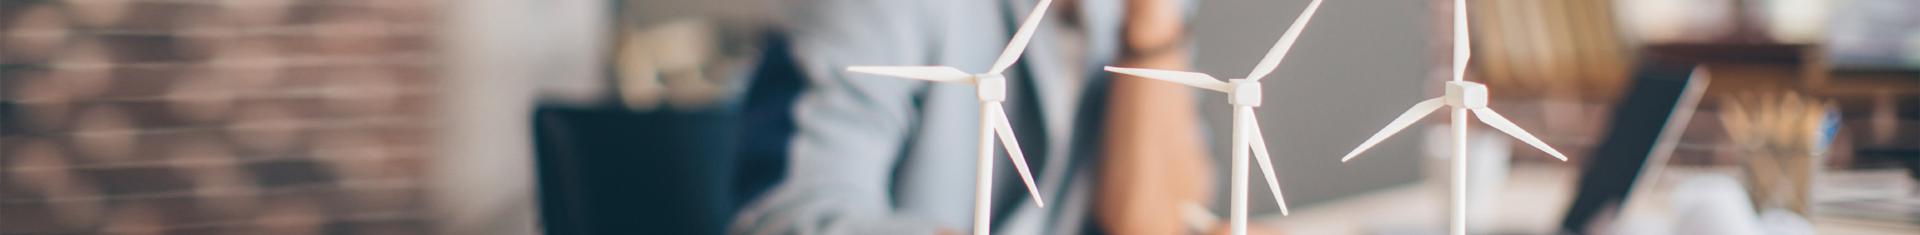 drei kleine Windräder aus Plastik, die als Dekoration auf einem Schreibtisch stehen